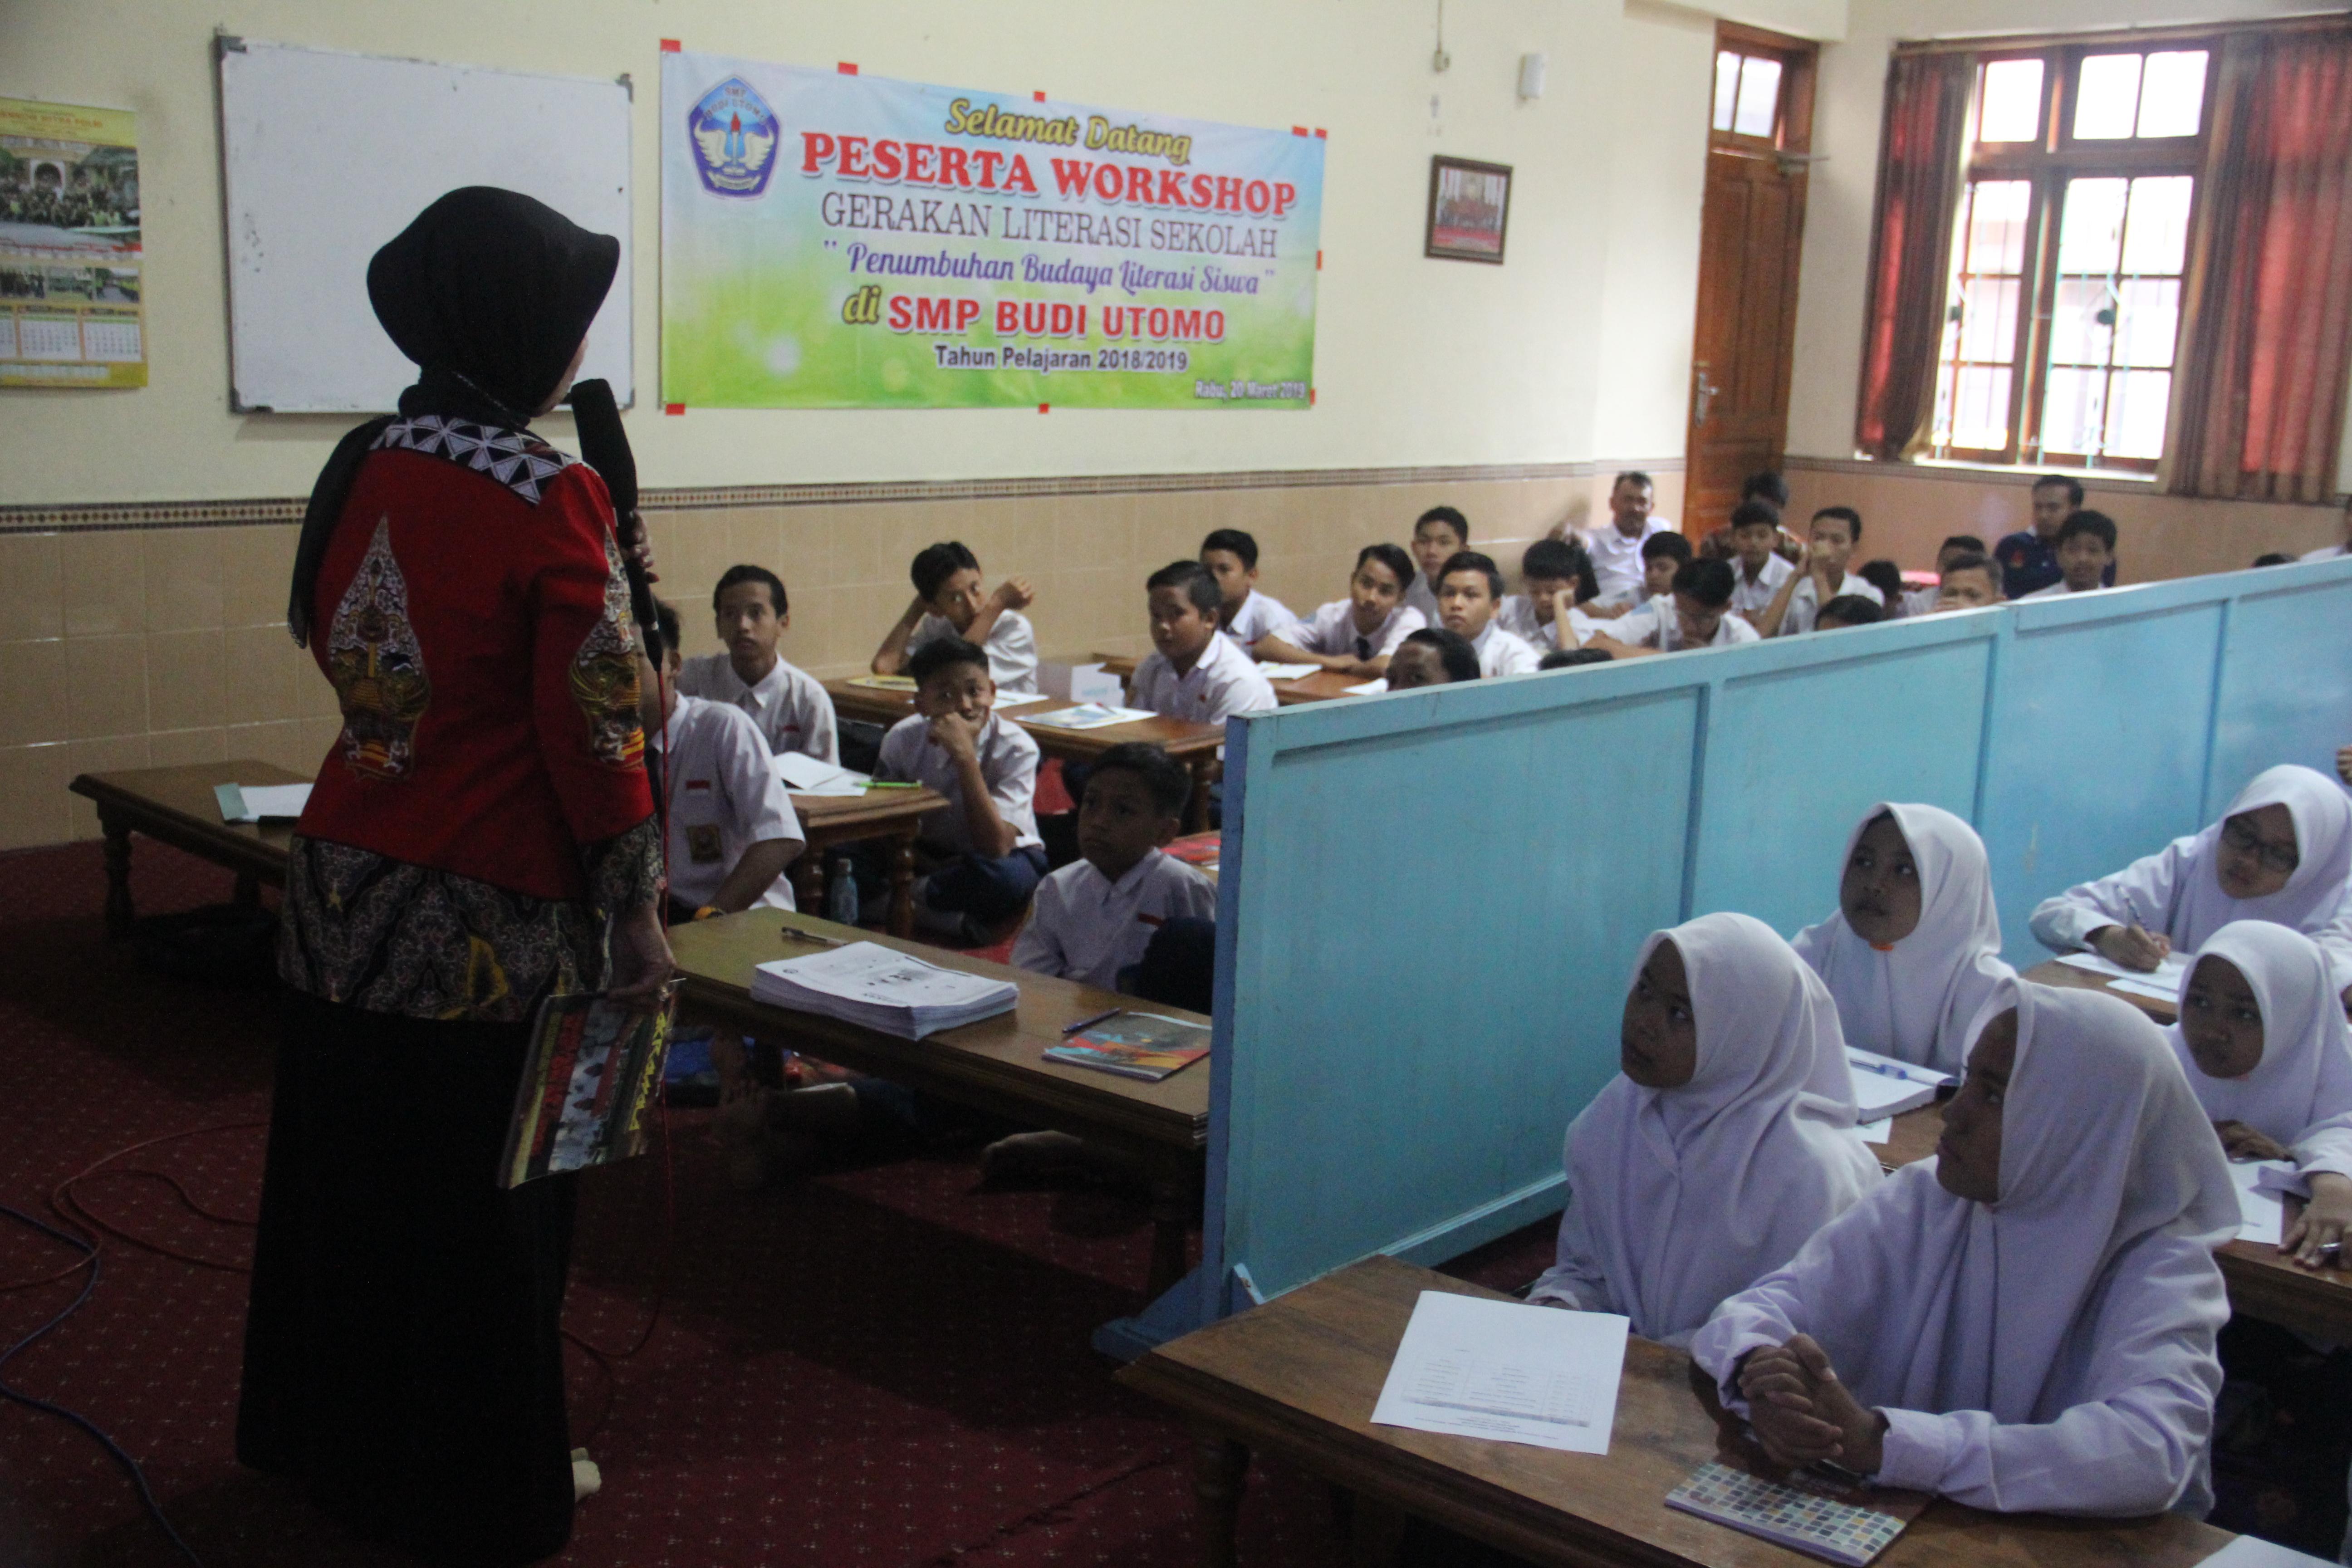 Workshop Gerakan Literasi Sekolah dan Jurnalistik Siswa SMP Budi Utomo Perak